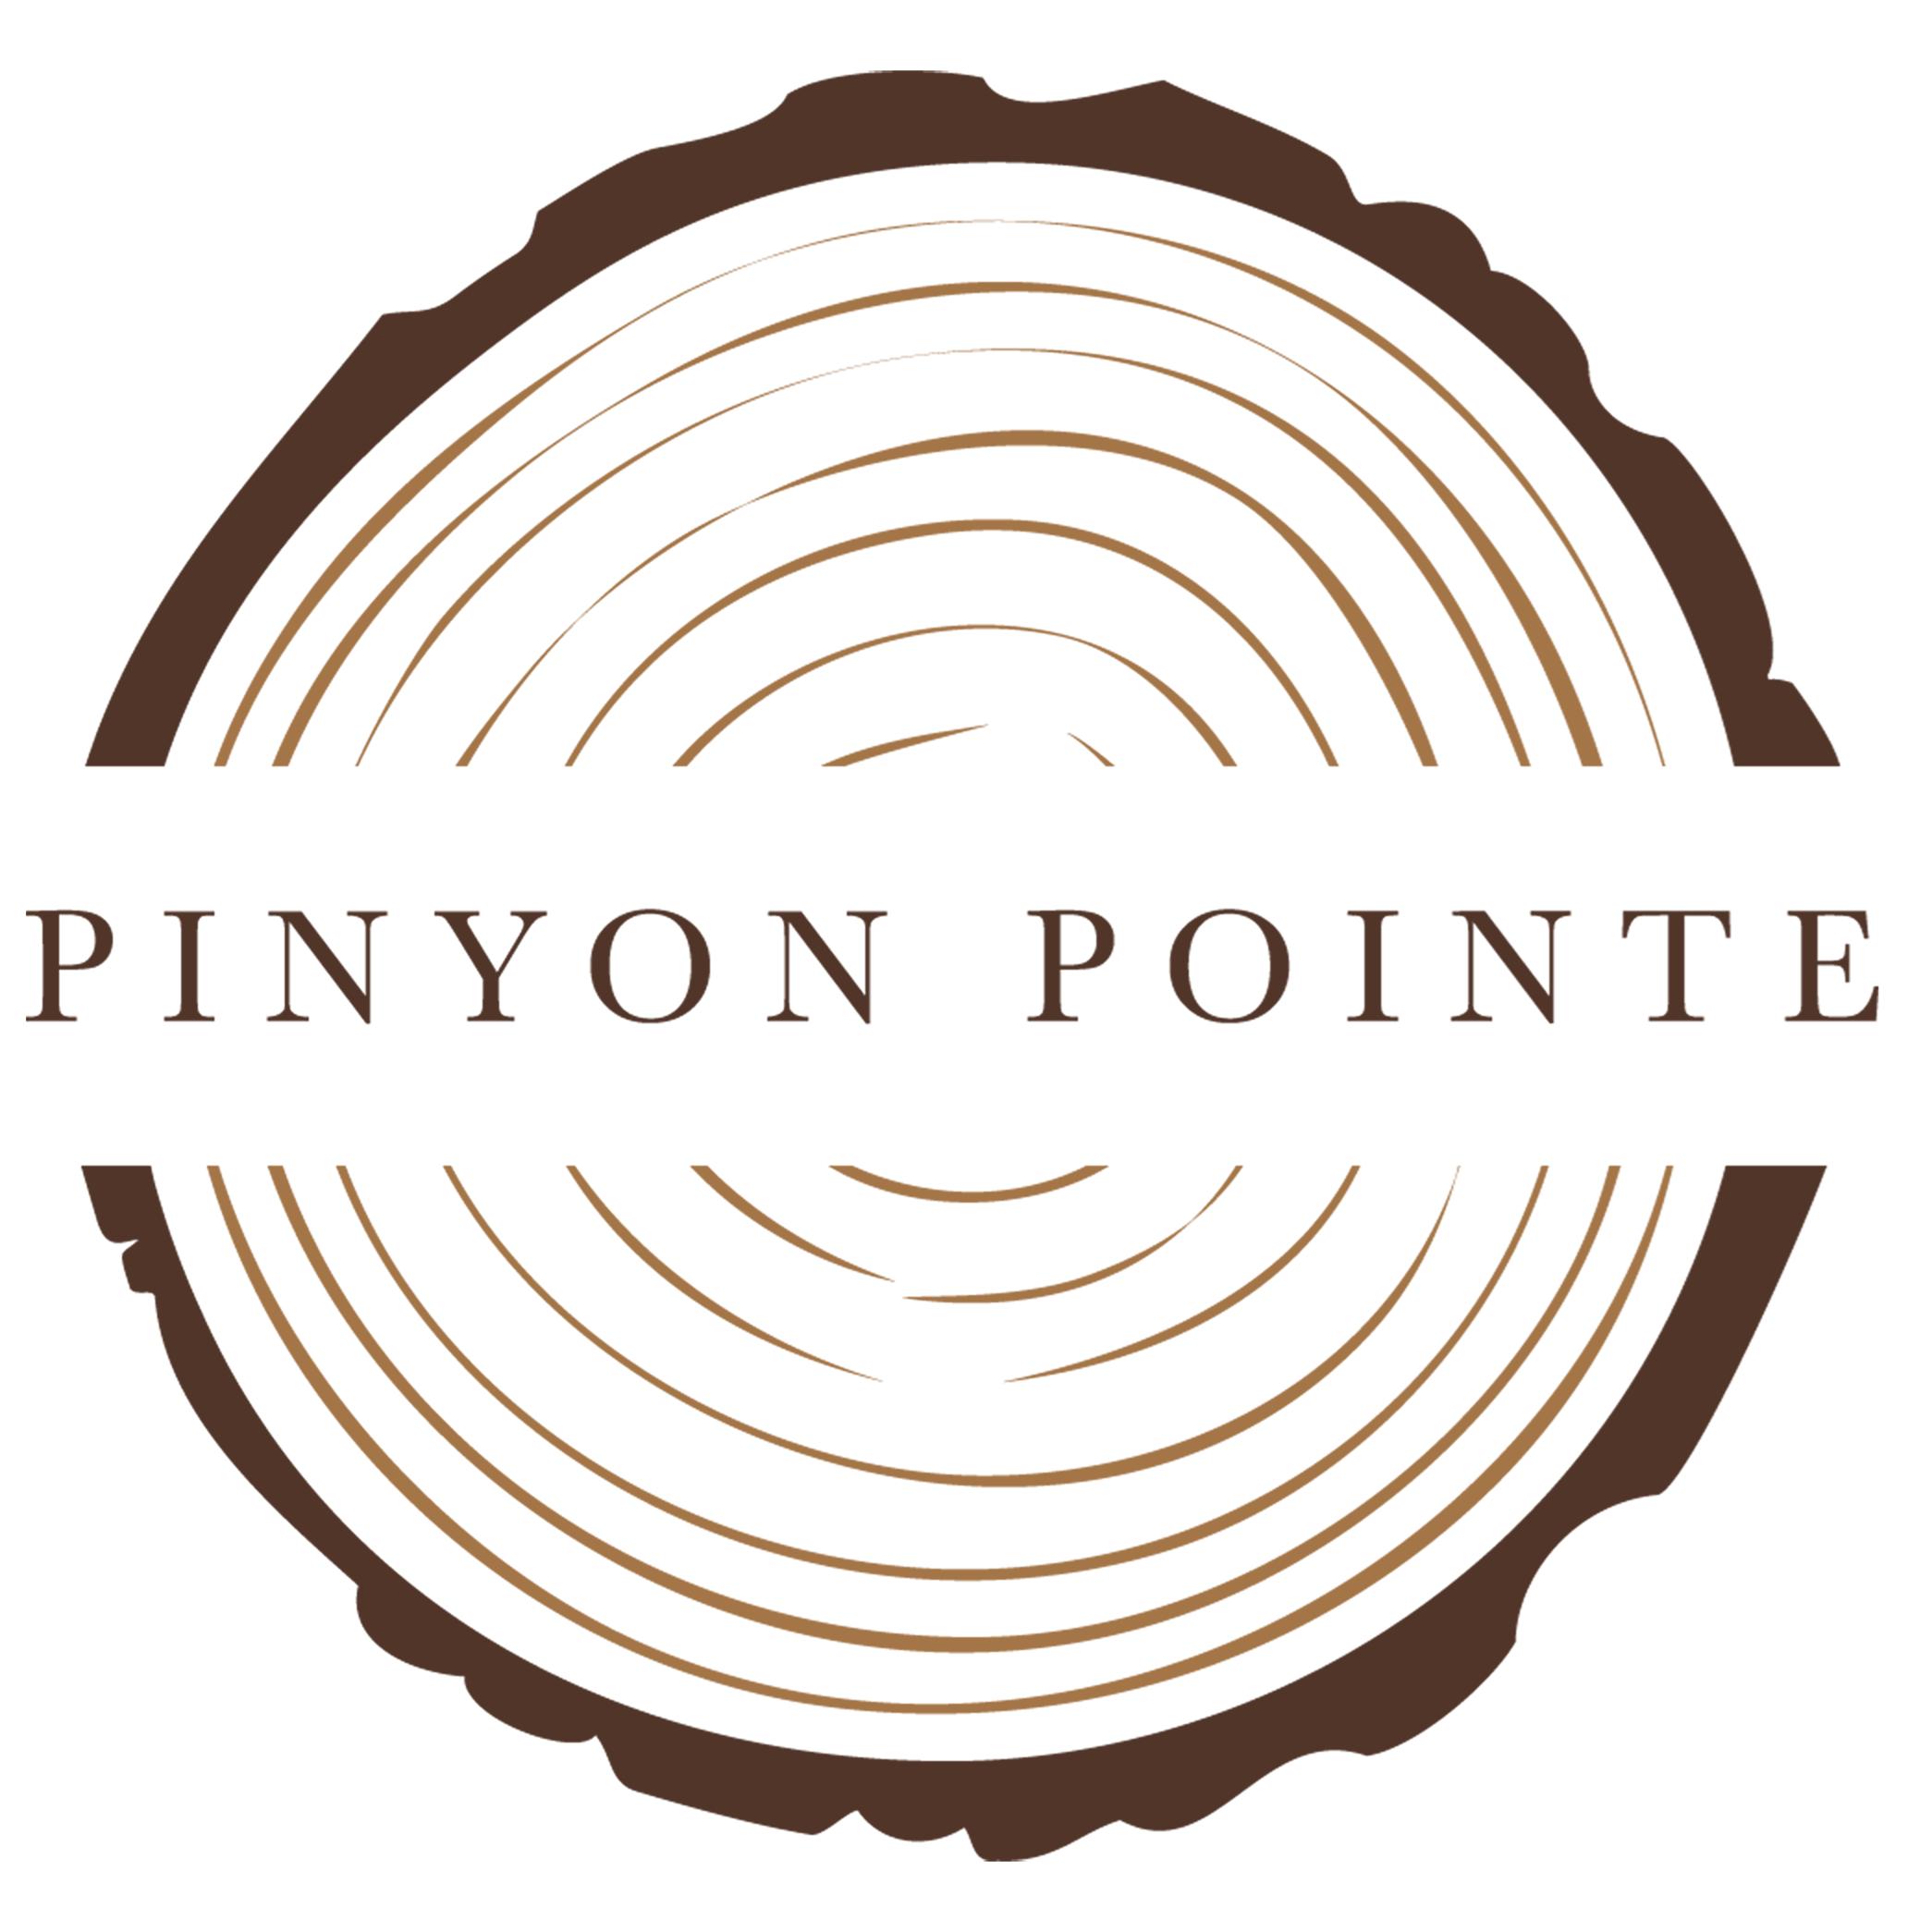 Pinyon Pointe